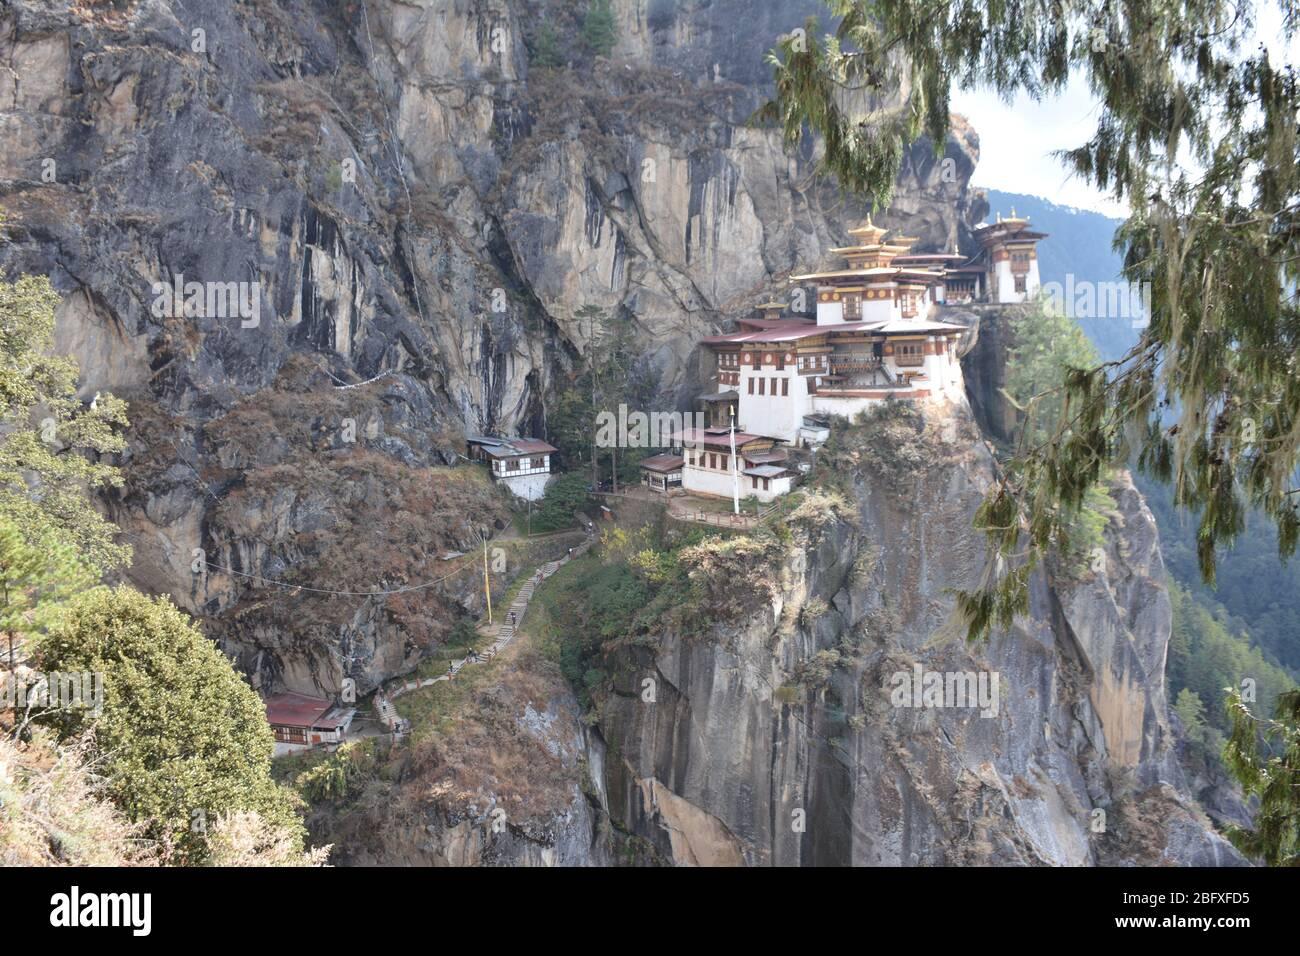 Das zum UNESCO-Weltkulturerbe gehörende Tigernest-Kloster (Paro Taktsang) ist Bhutans beliebteste touristische und kulturelle Anziehungspunkt und Beispiel für Dzong-Architektur. Stockfoto